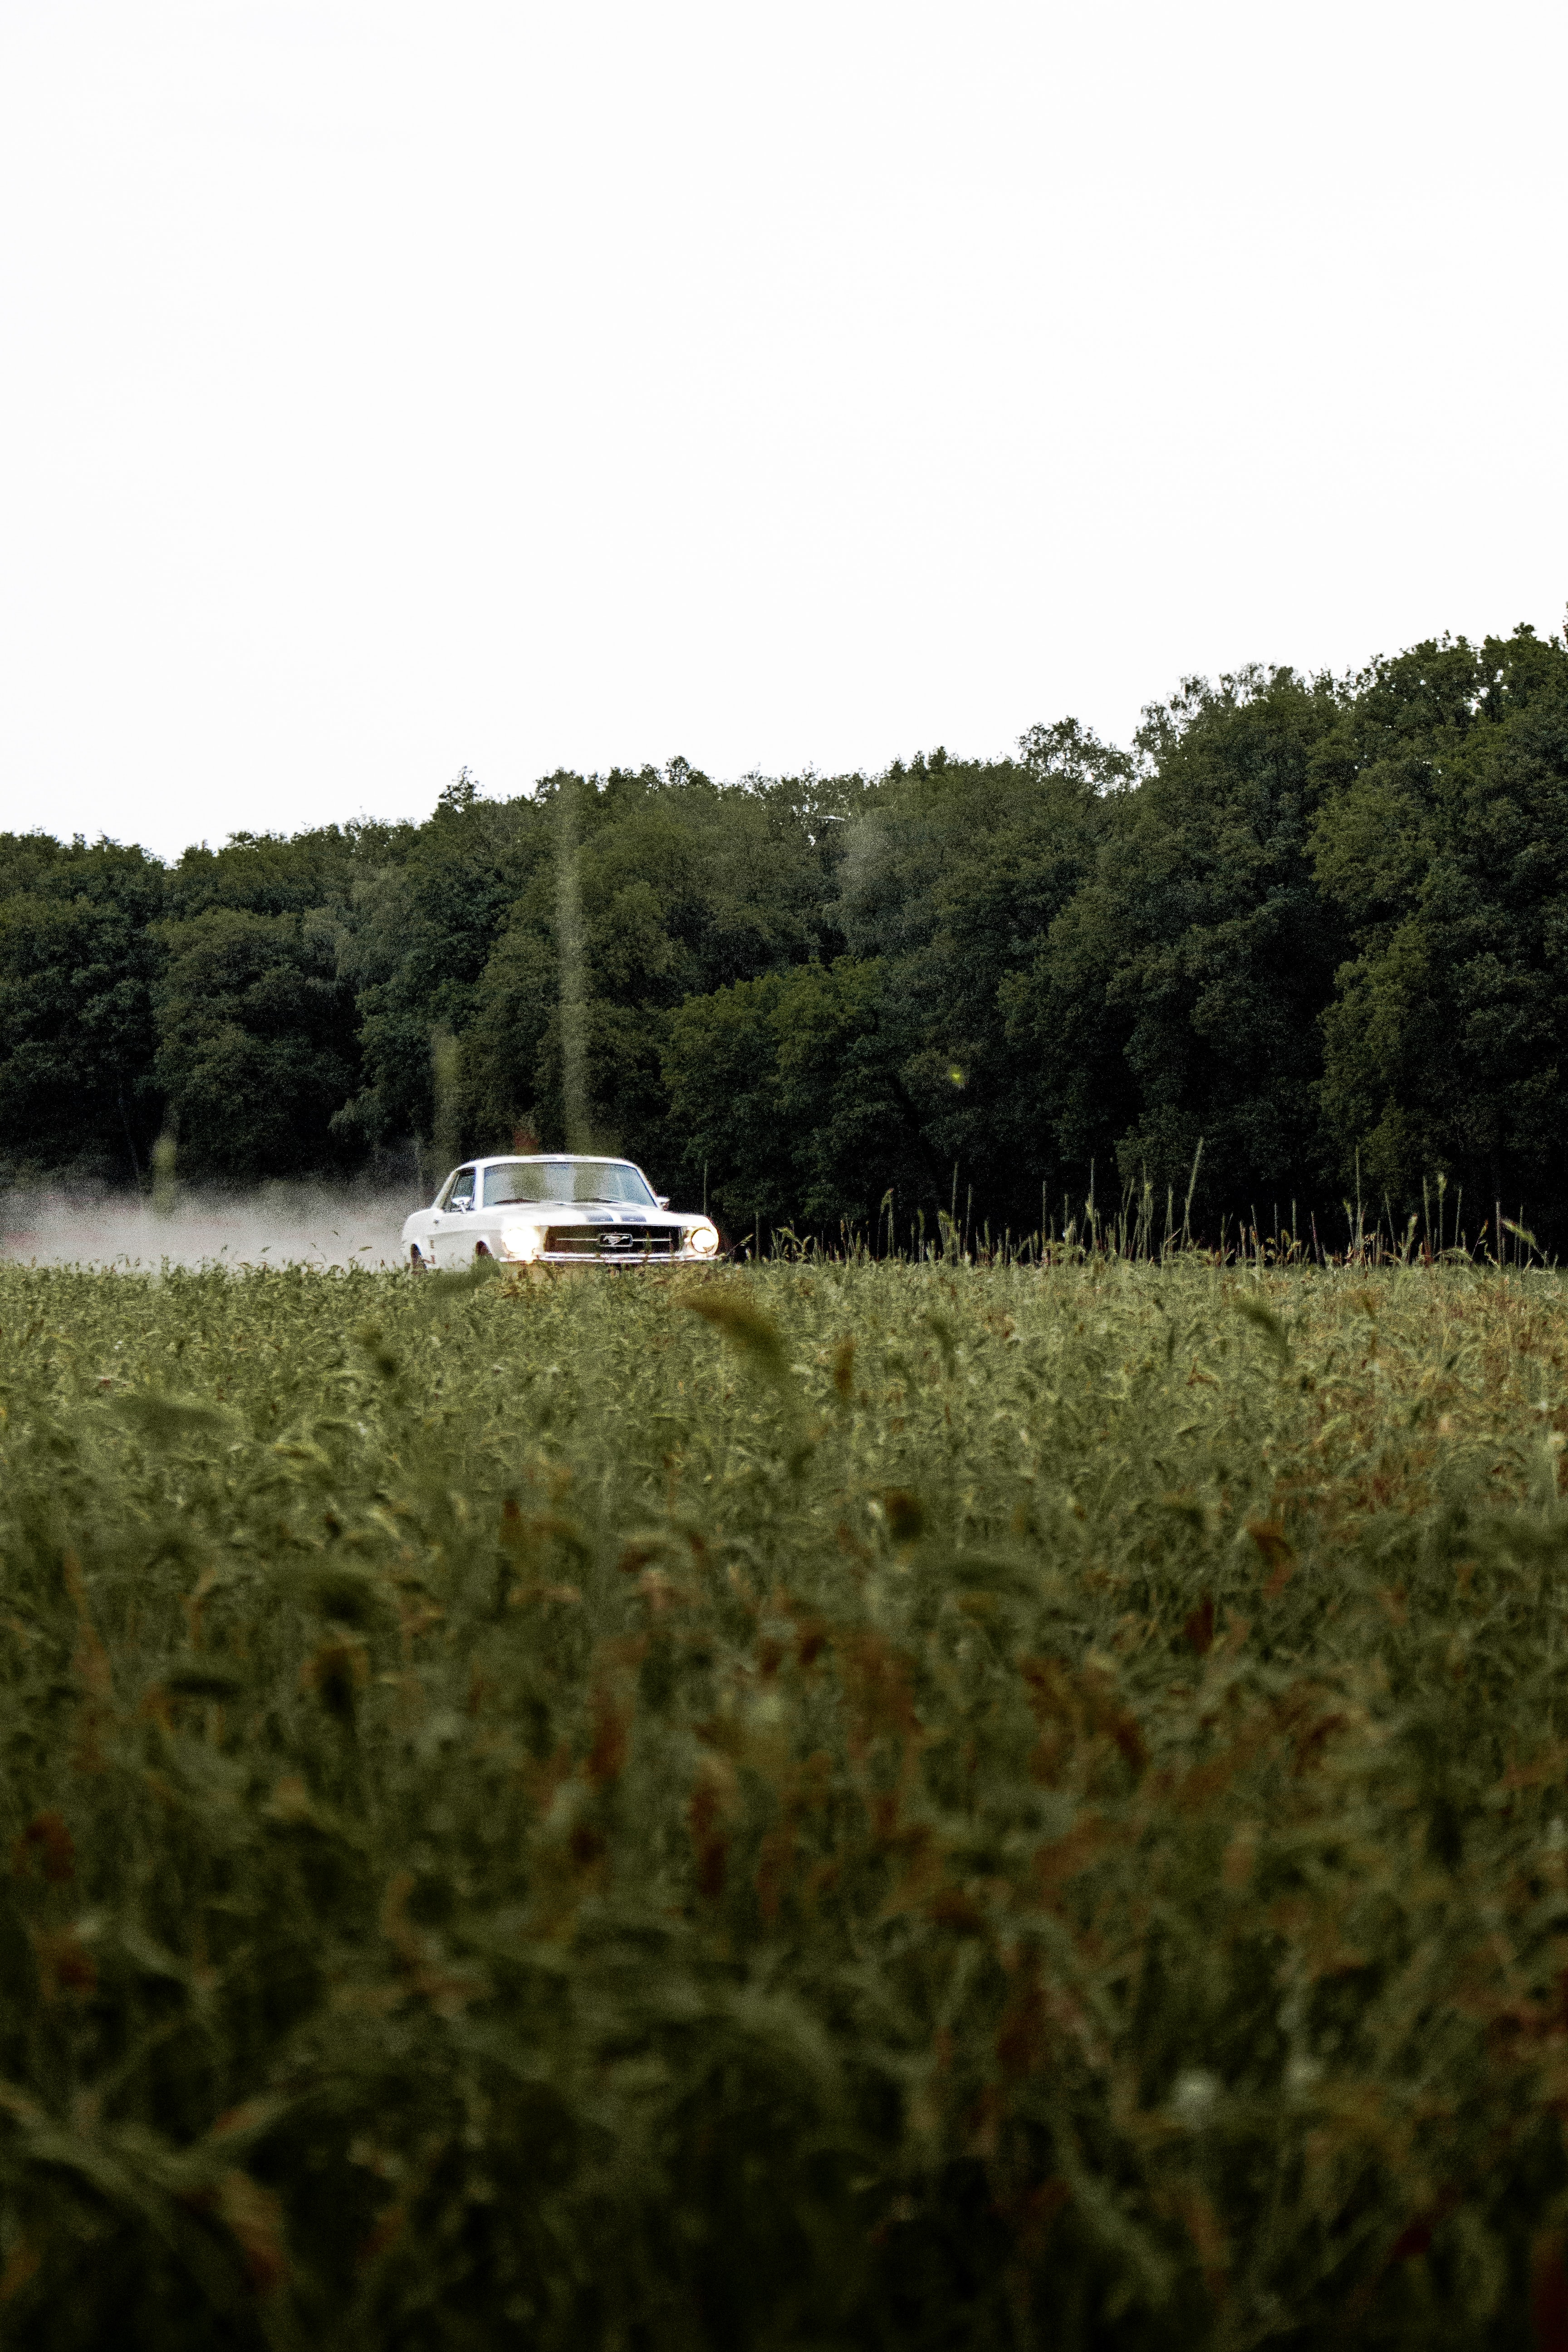 147566 скачать обои Тачки (Cars), Мустанг (Mustang), Автомобиль, Ретро, Винтаж, Трава, Деревья - заставки и картинки бесплатно